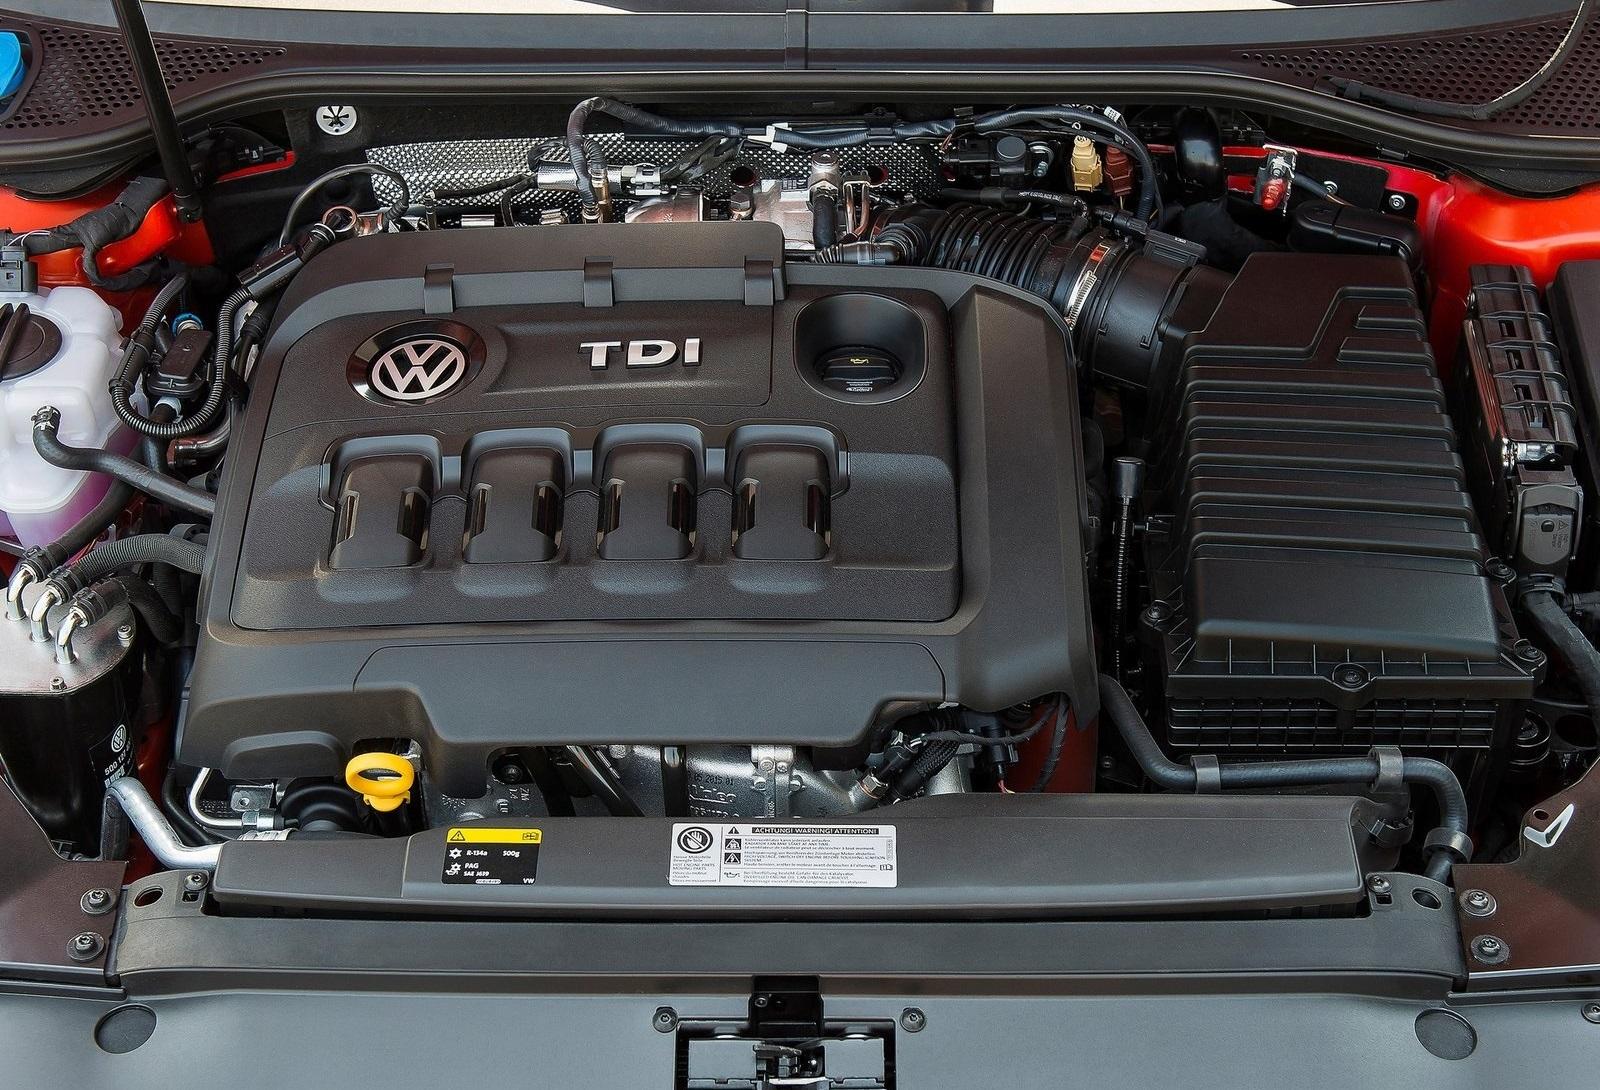 2016 Volkswagen Passat Alltrack Engine View (Photo 5 of 18)